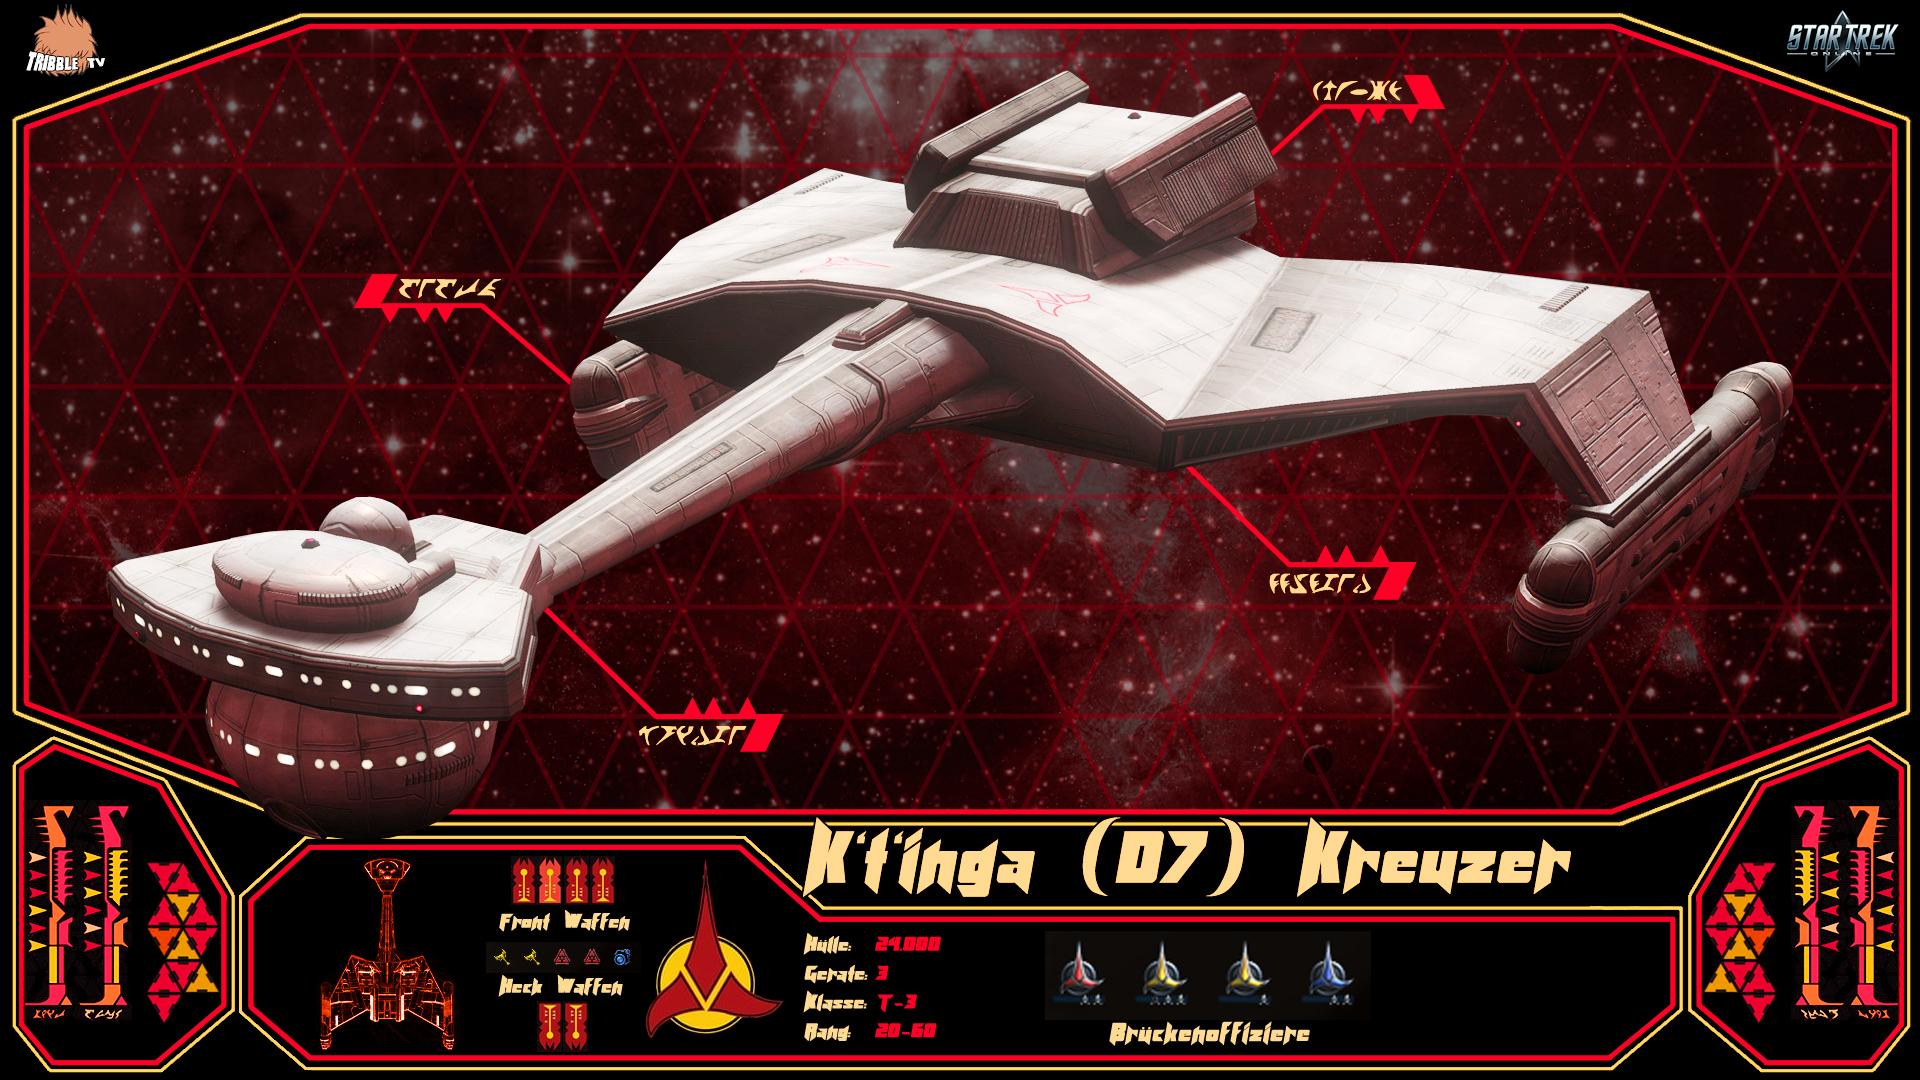 K't'inga (D7) Kreuzer T-3